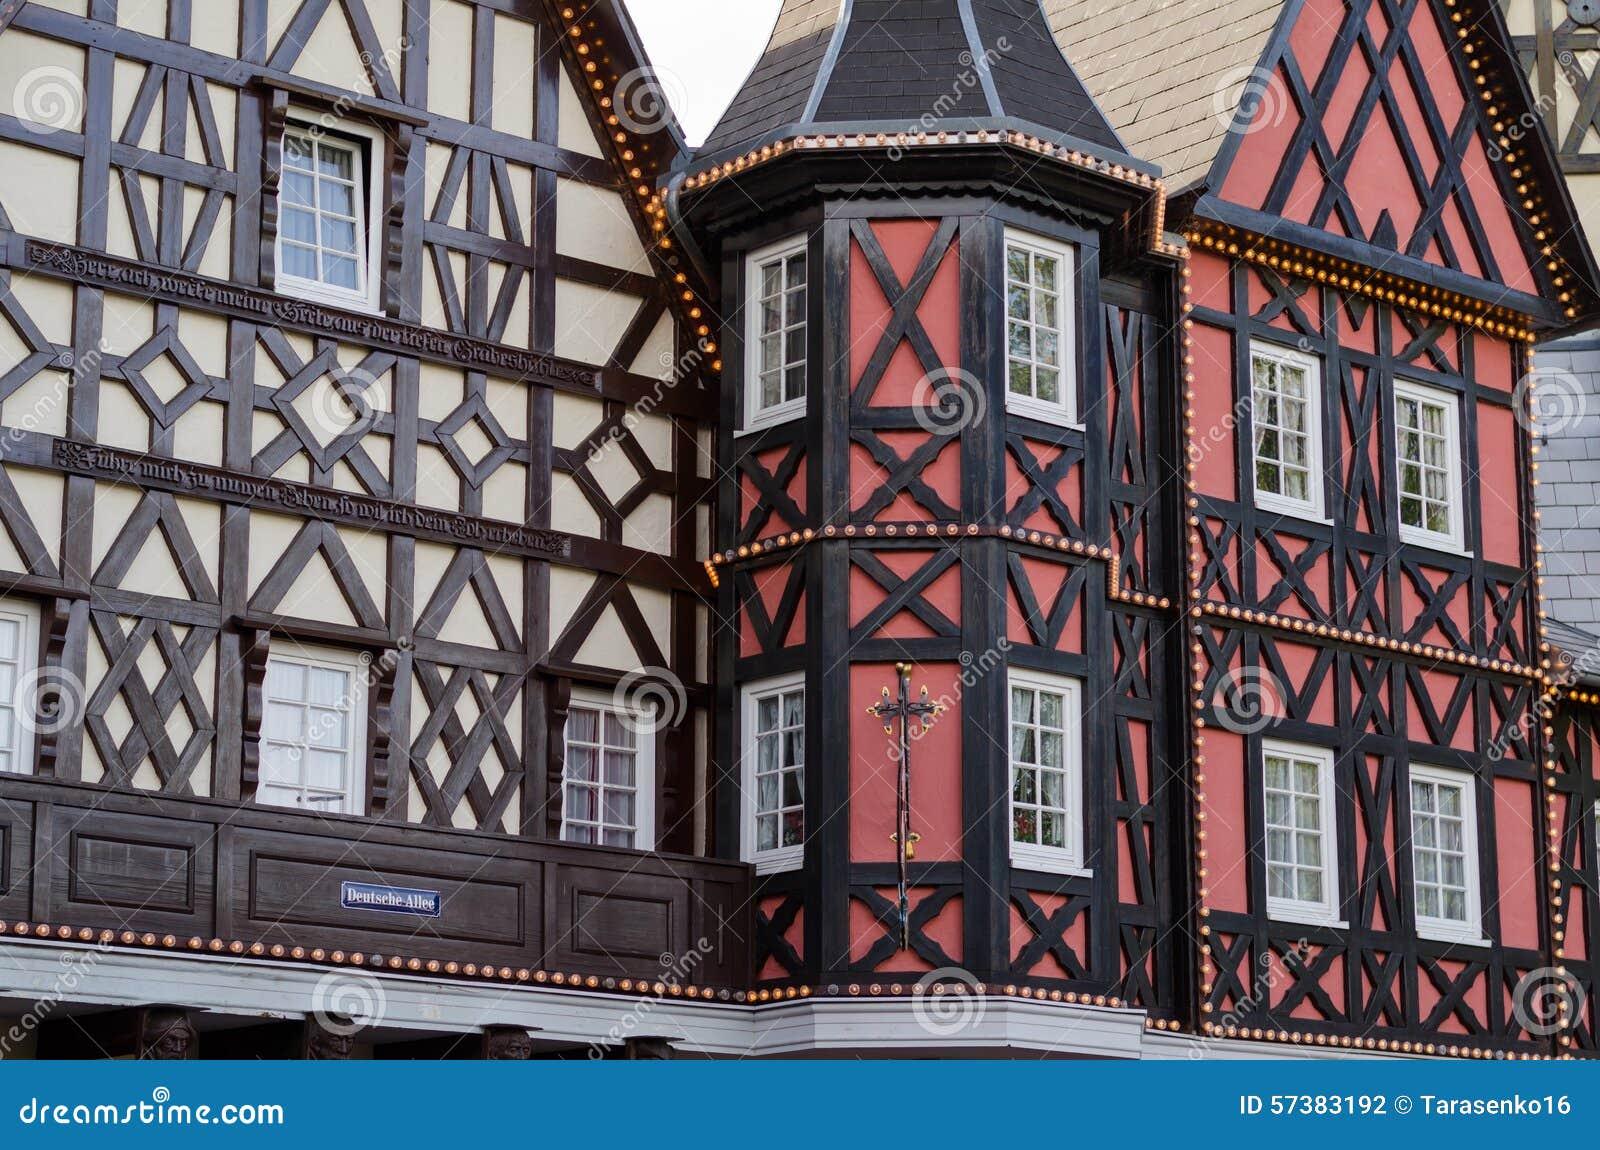 Duits middeleeuws huis